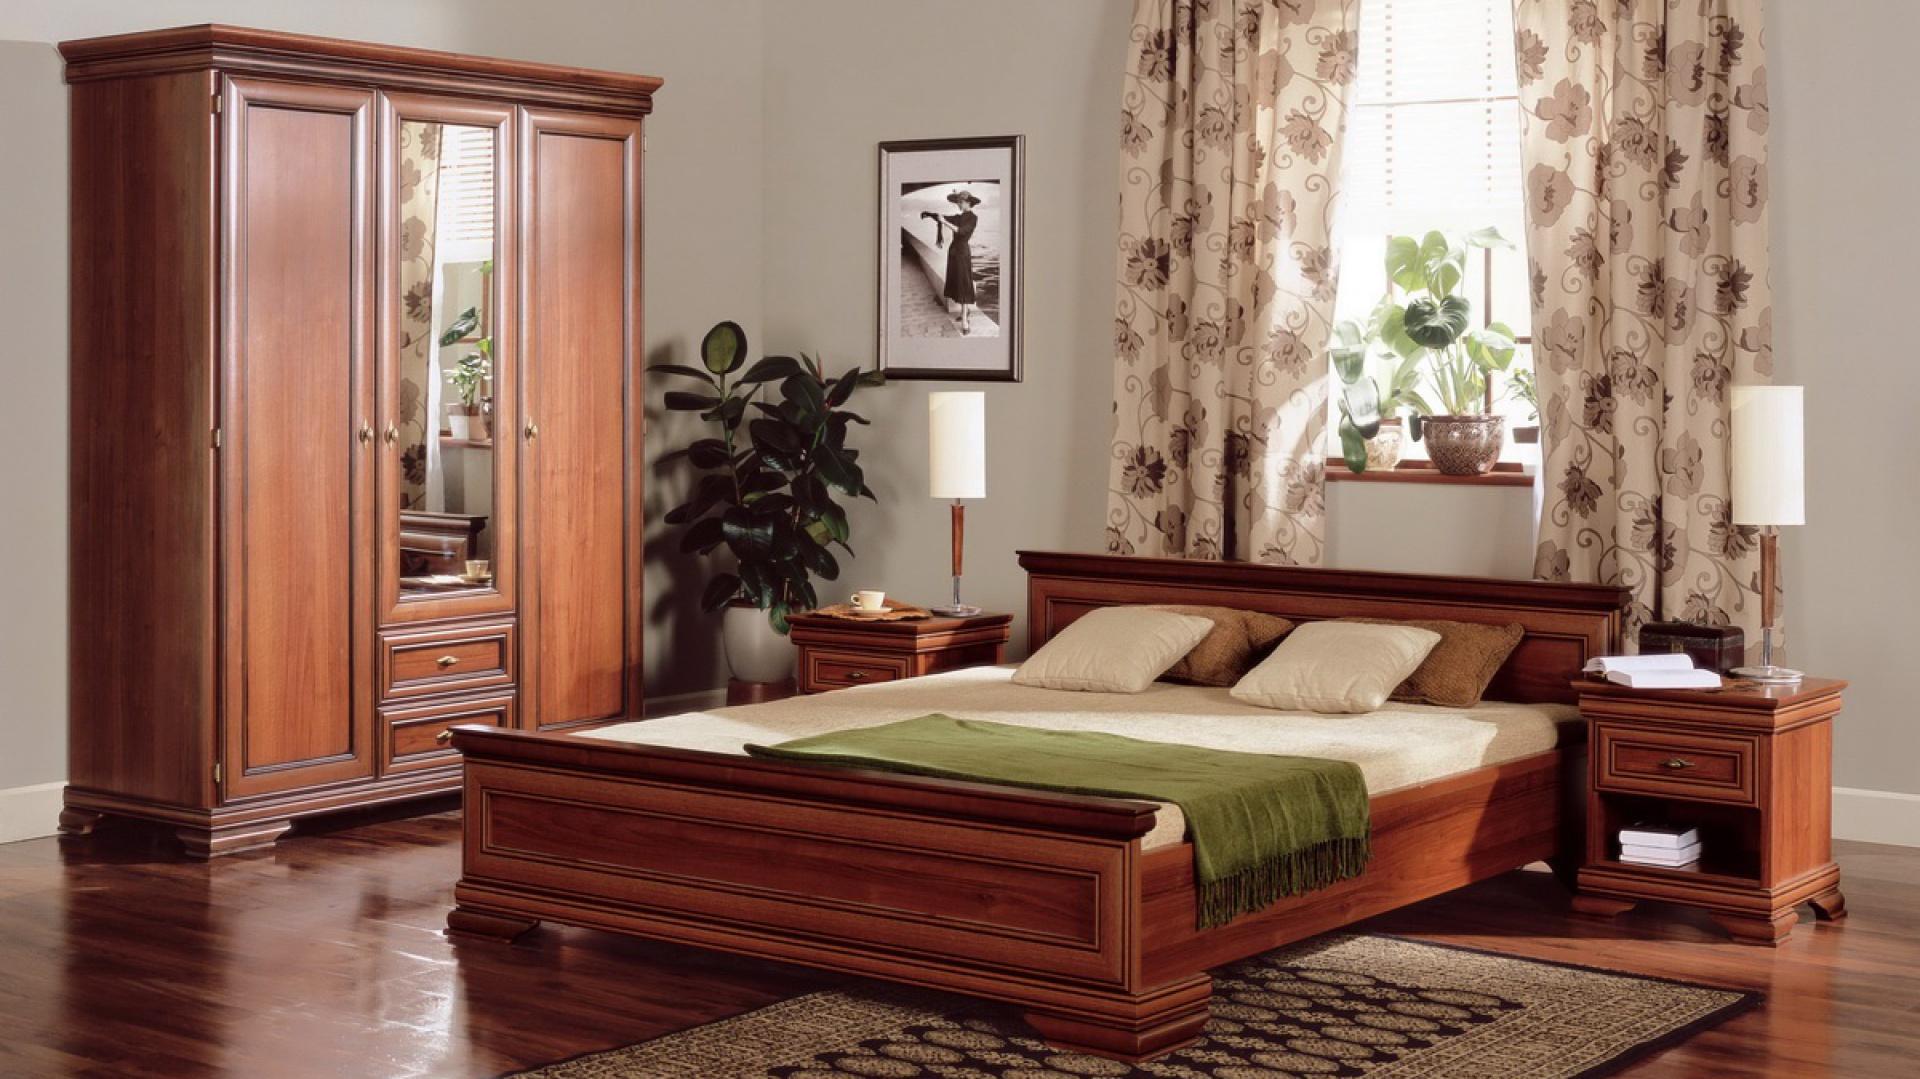 Sypialnia Aramis to klasyczne meble w orzechowym kolorze. W kolekcji znajdziemy wiele mebli także niezbędne wyposażenie sypialni: stoliki nocne, łózko, komodę, szafę. Fot. Forte.